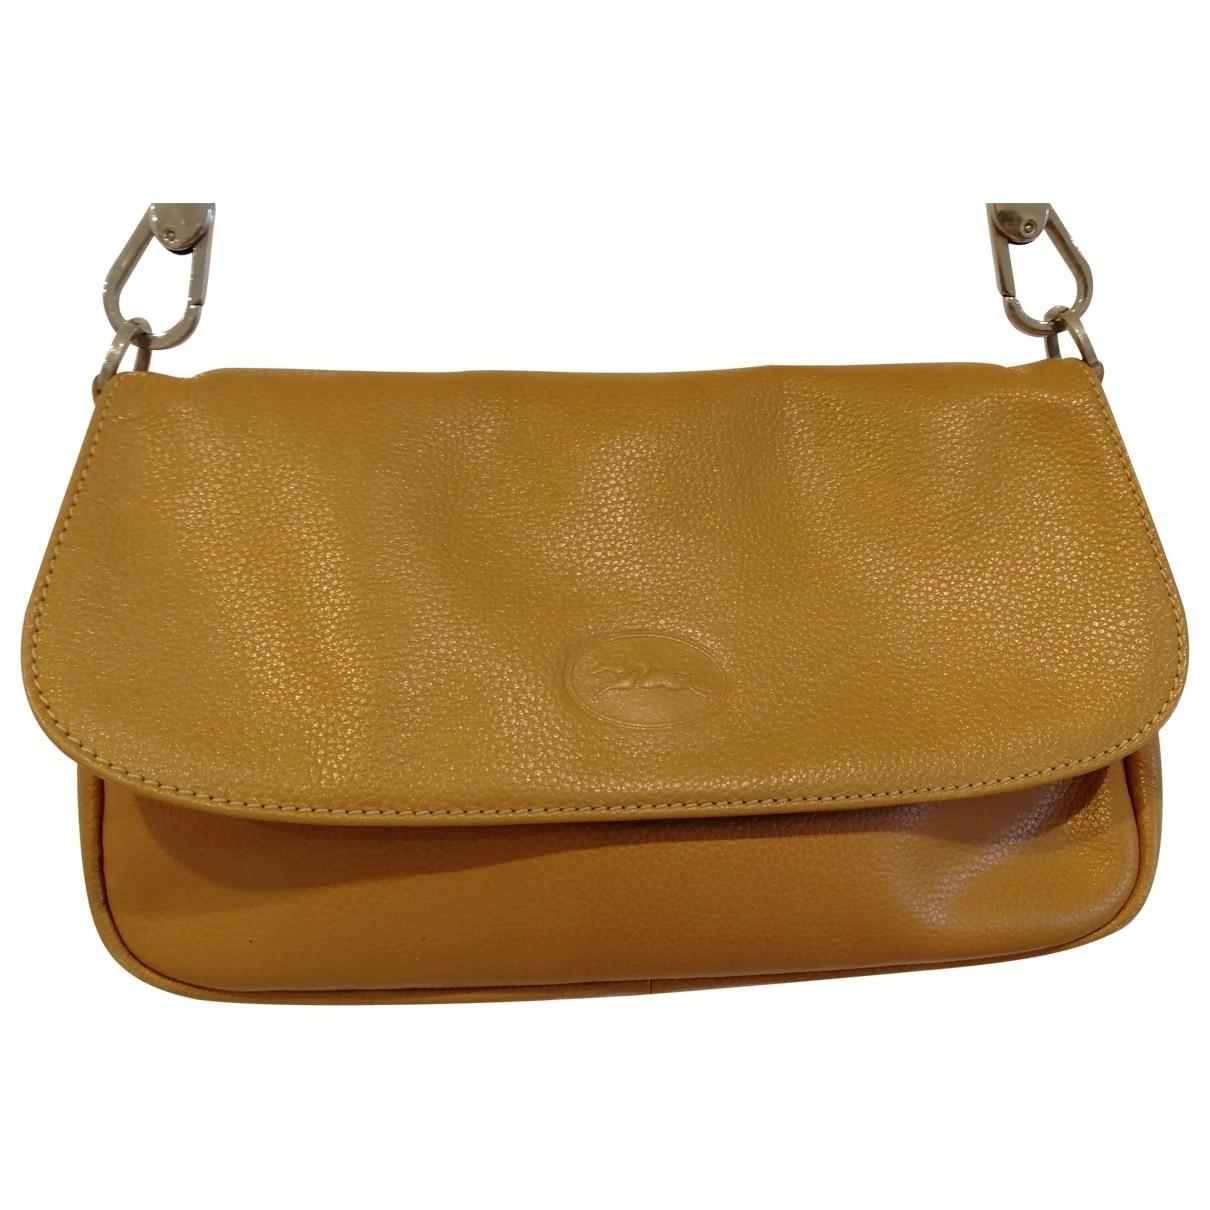 Longchamp - Sac a main   pour femme en cuir - beige